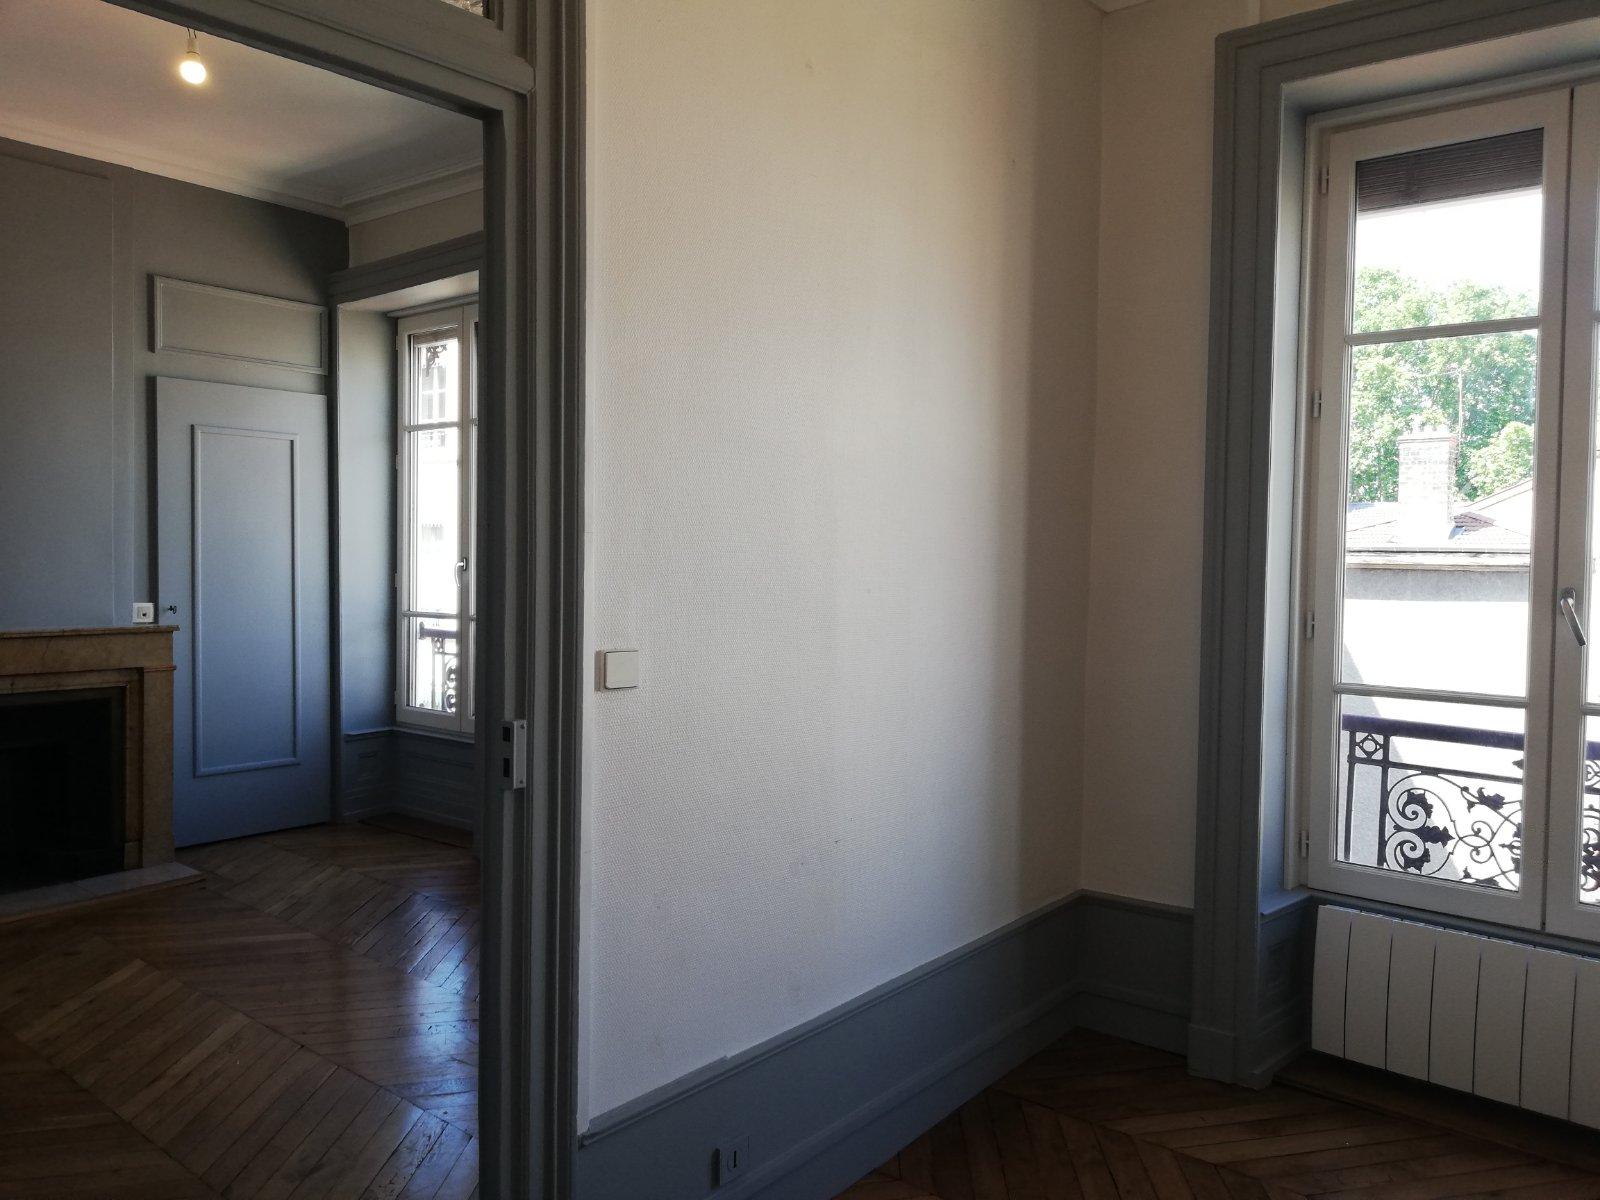 APPARTEMENT T1 - LYON 2EME ARRONDISSEMENT - 34,31 m2 - 720 € charges comprises par mois